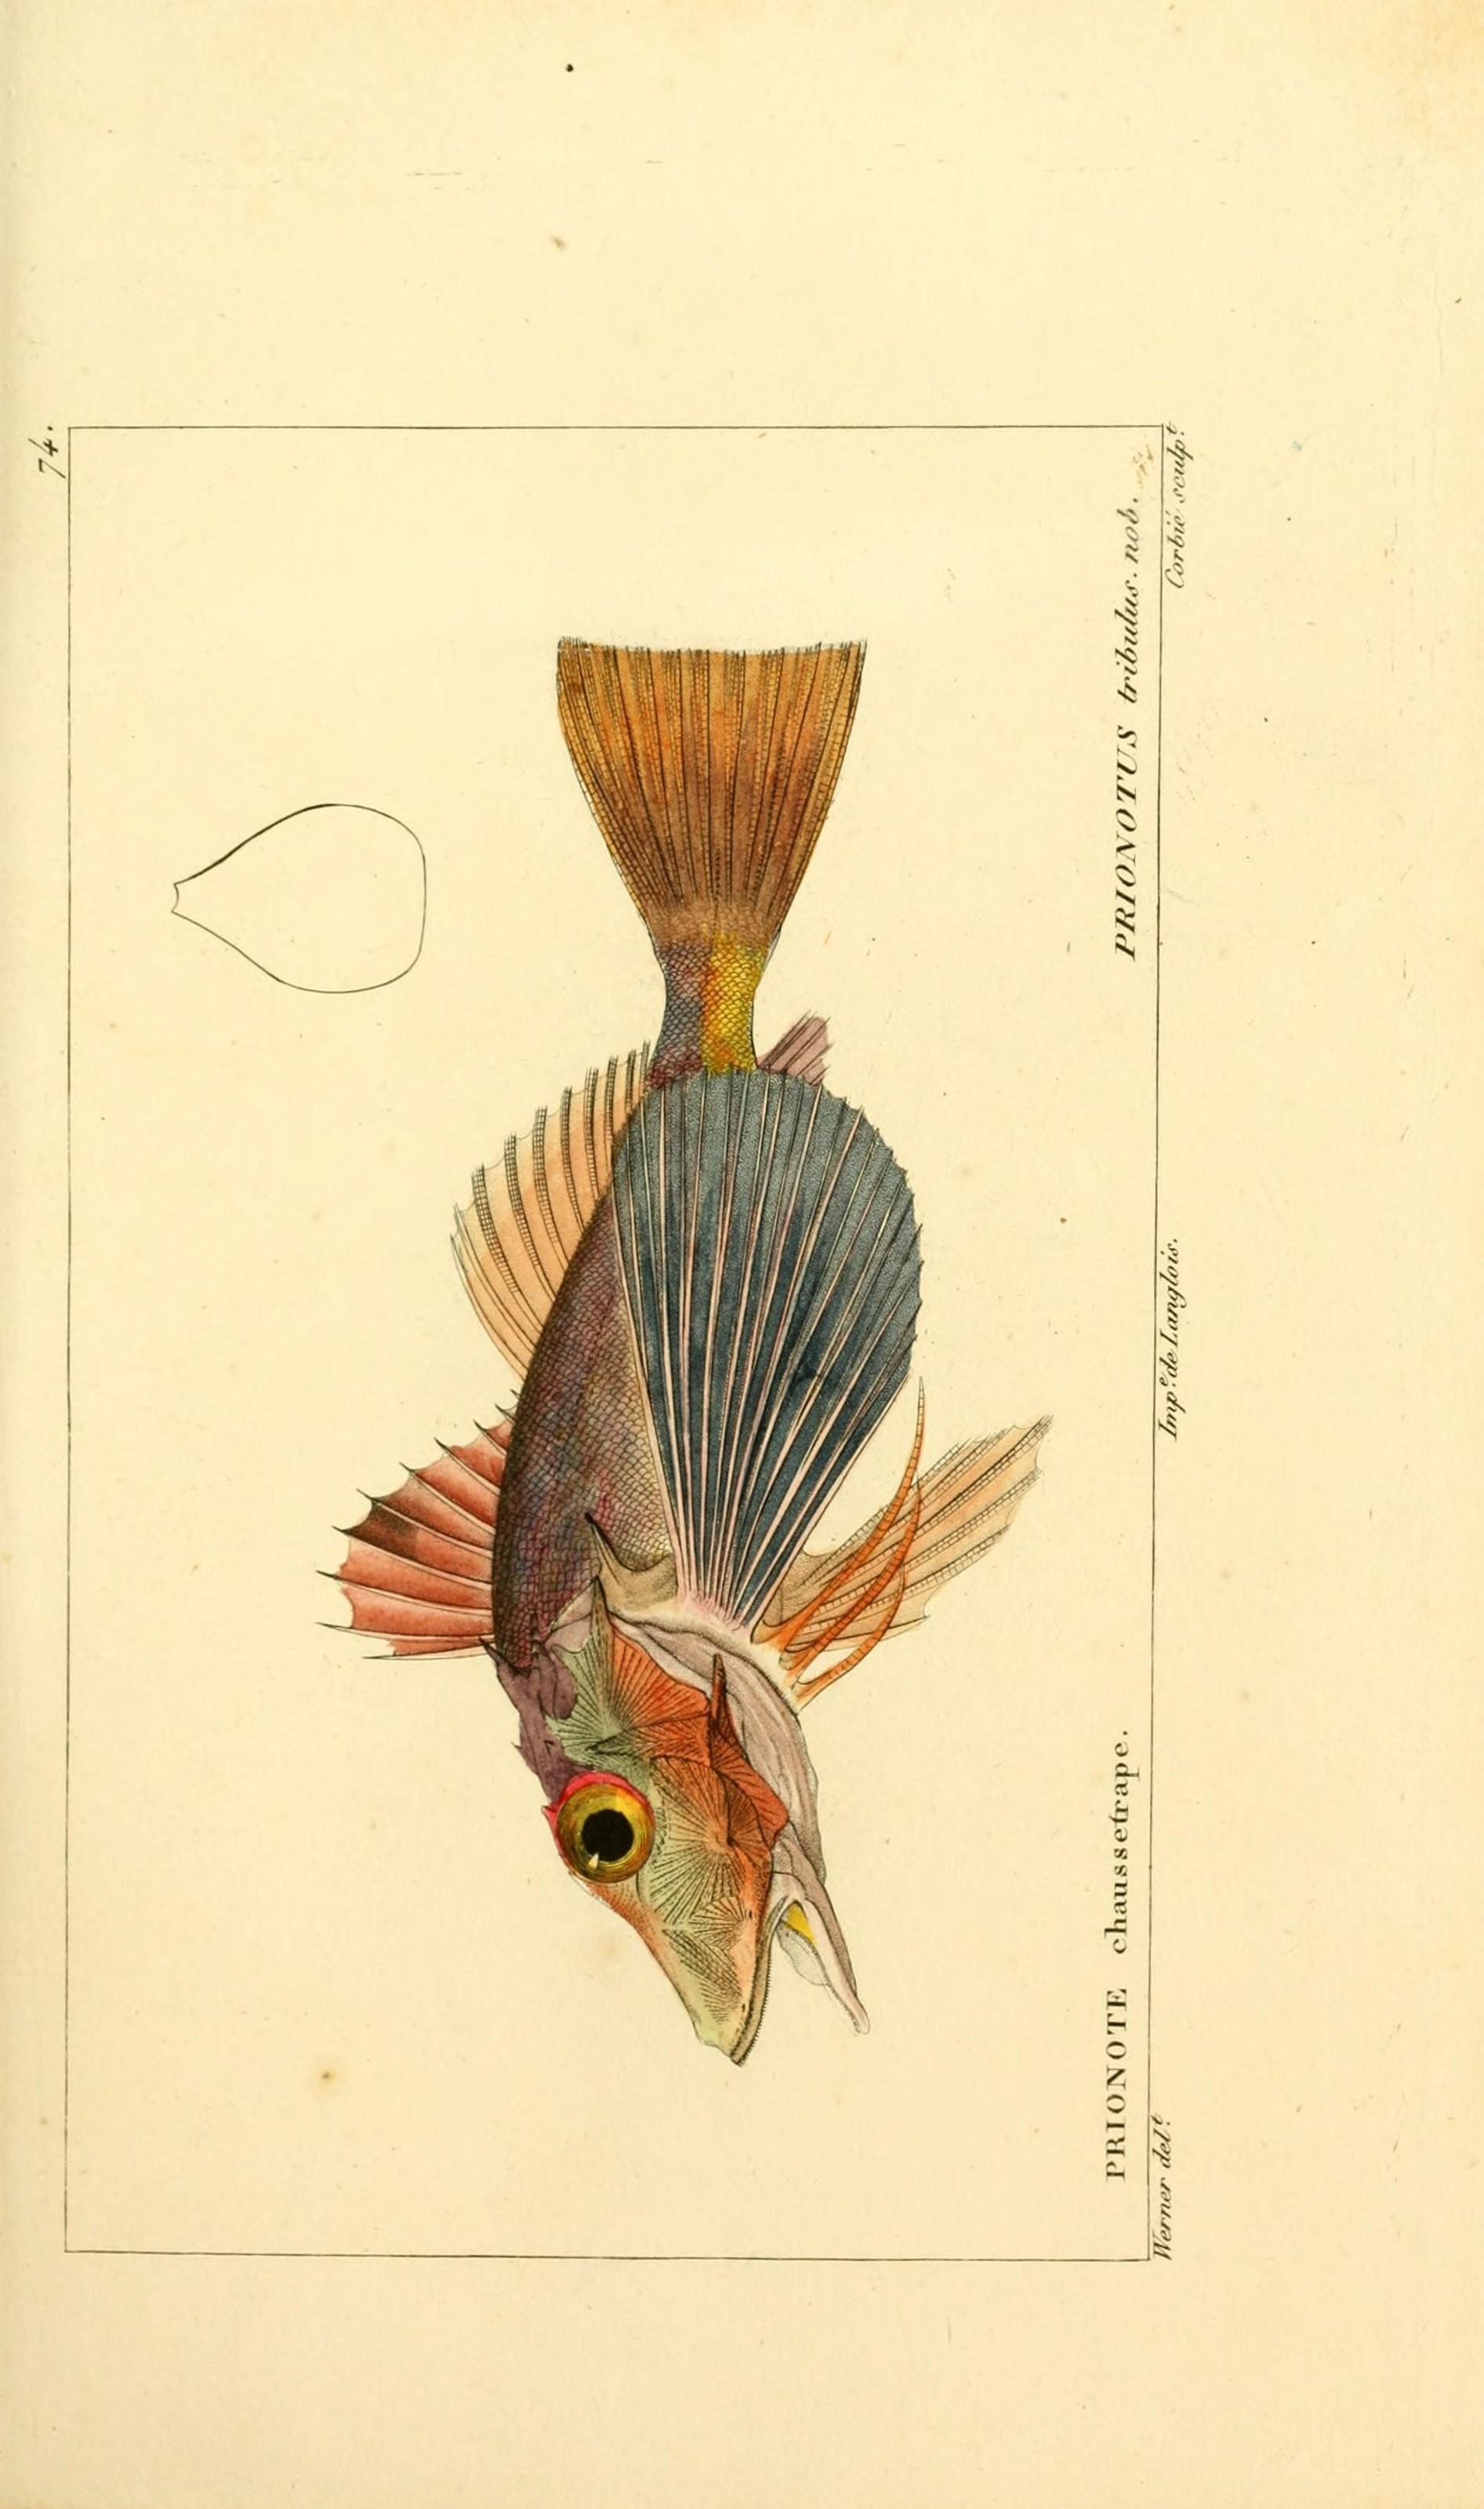 Image of Bighead searobin